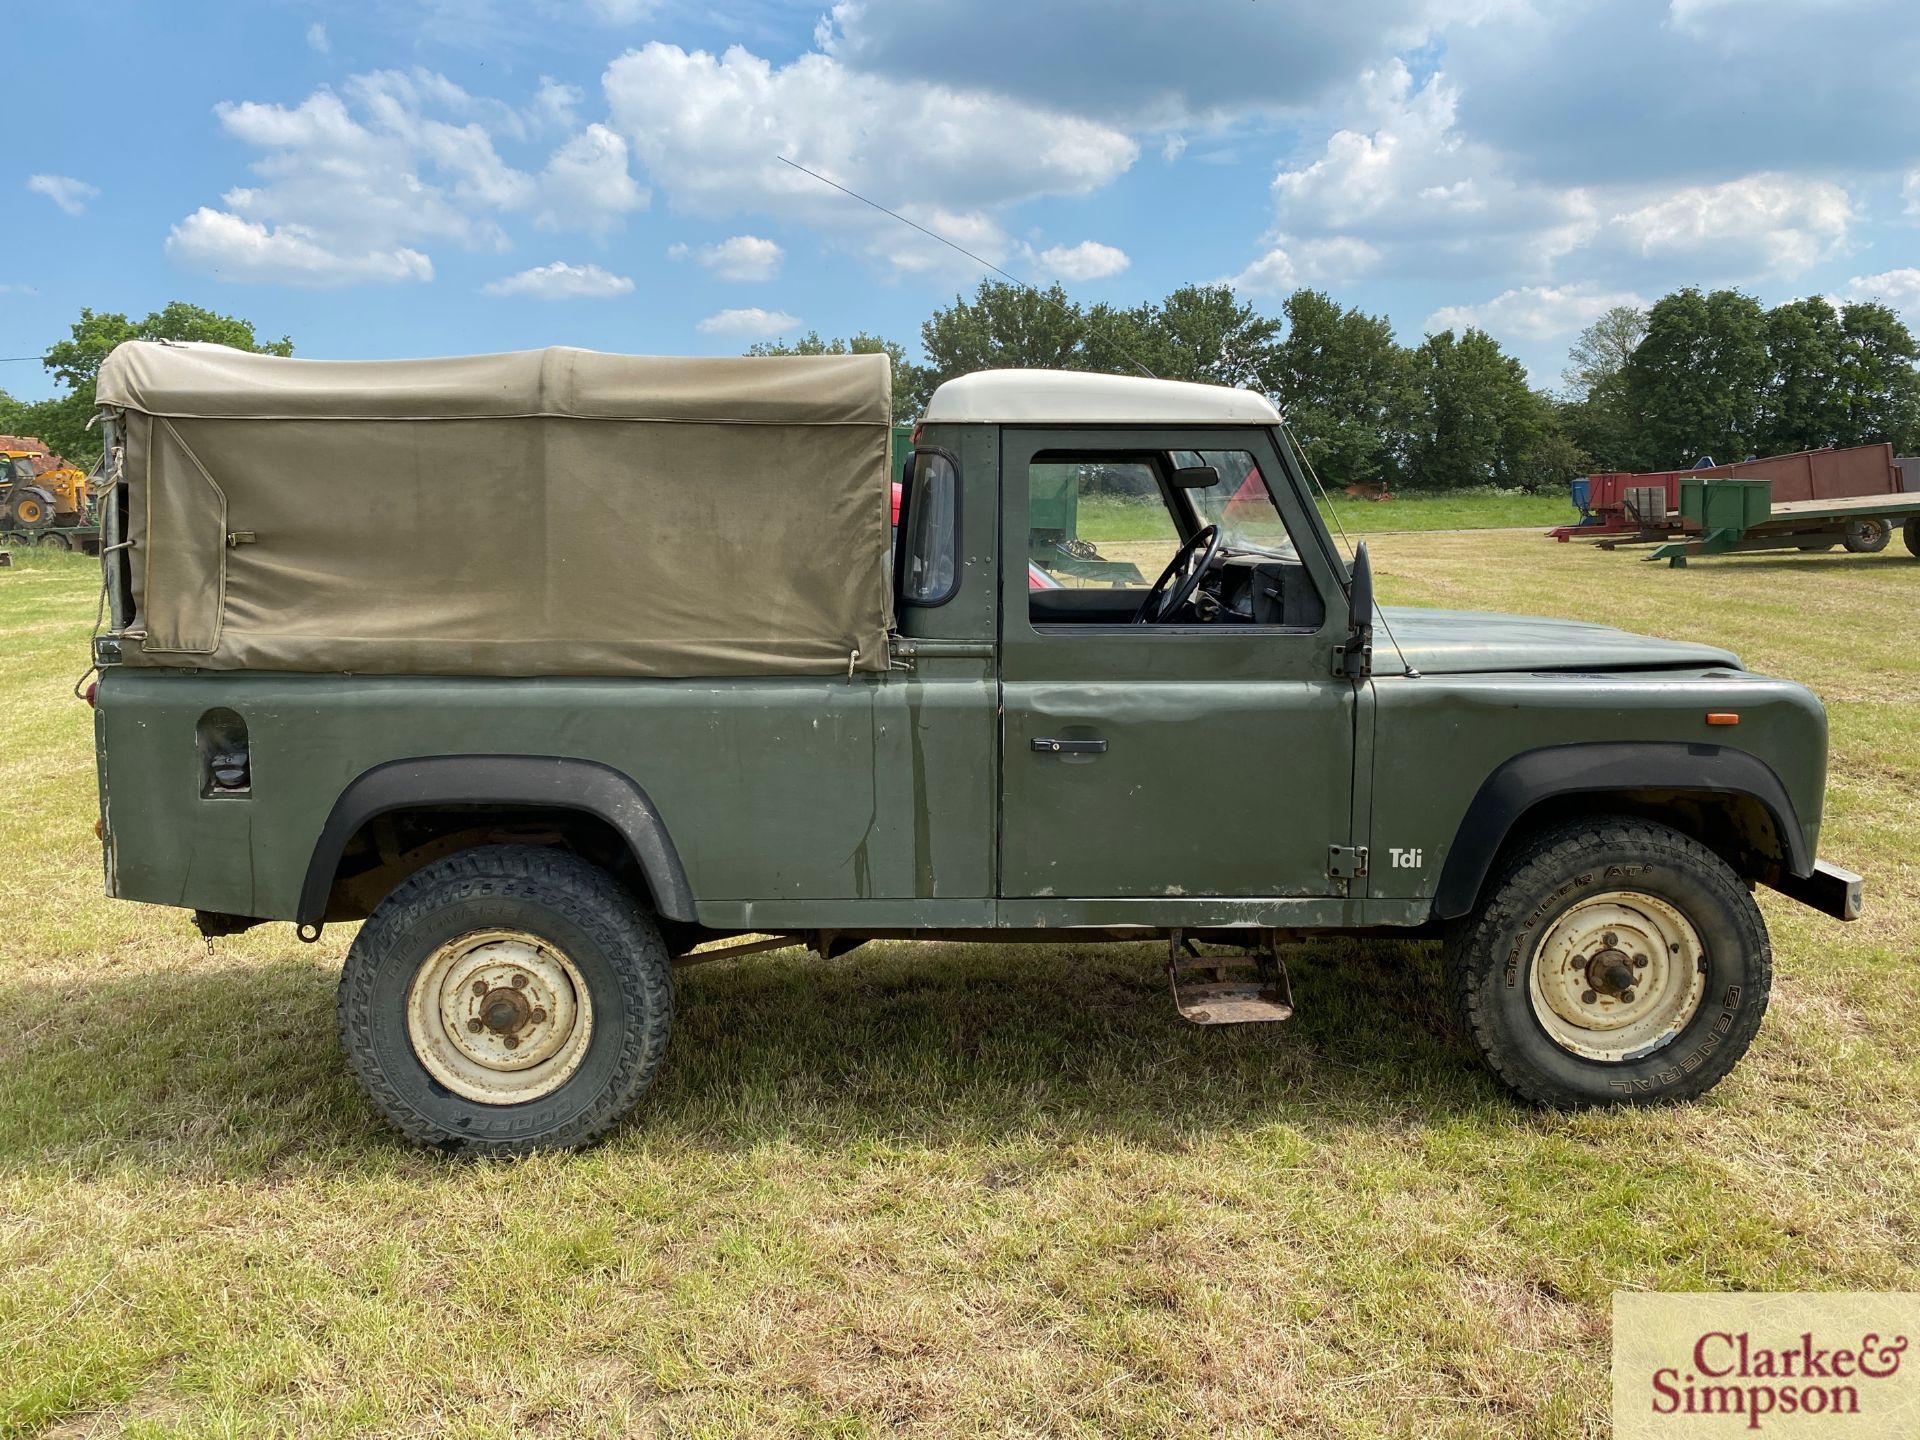 Land Rover Defender 110 single cab pick-up. Registration H317 OHK. Date of first registration 08/ - Image 4 of 56